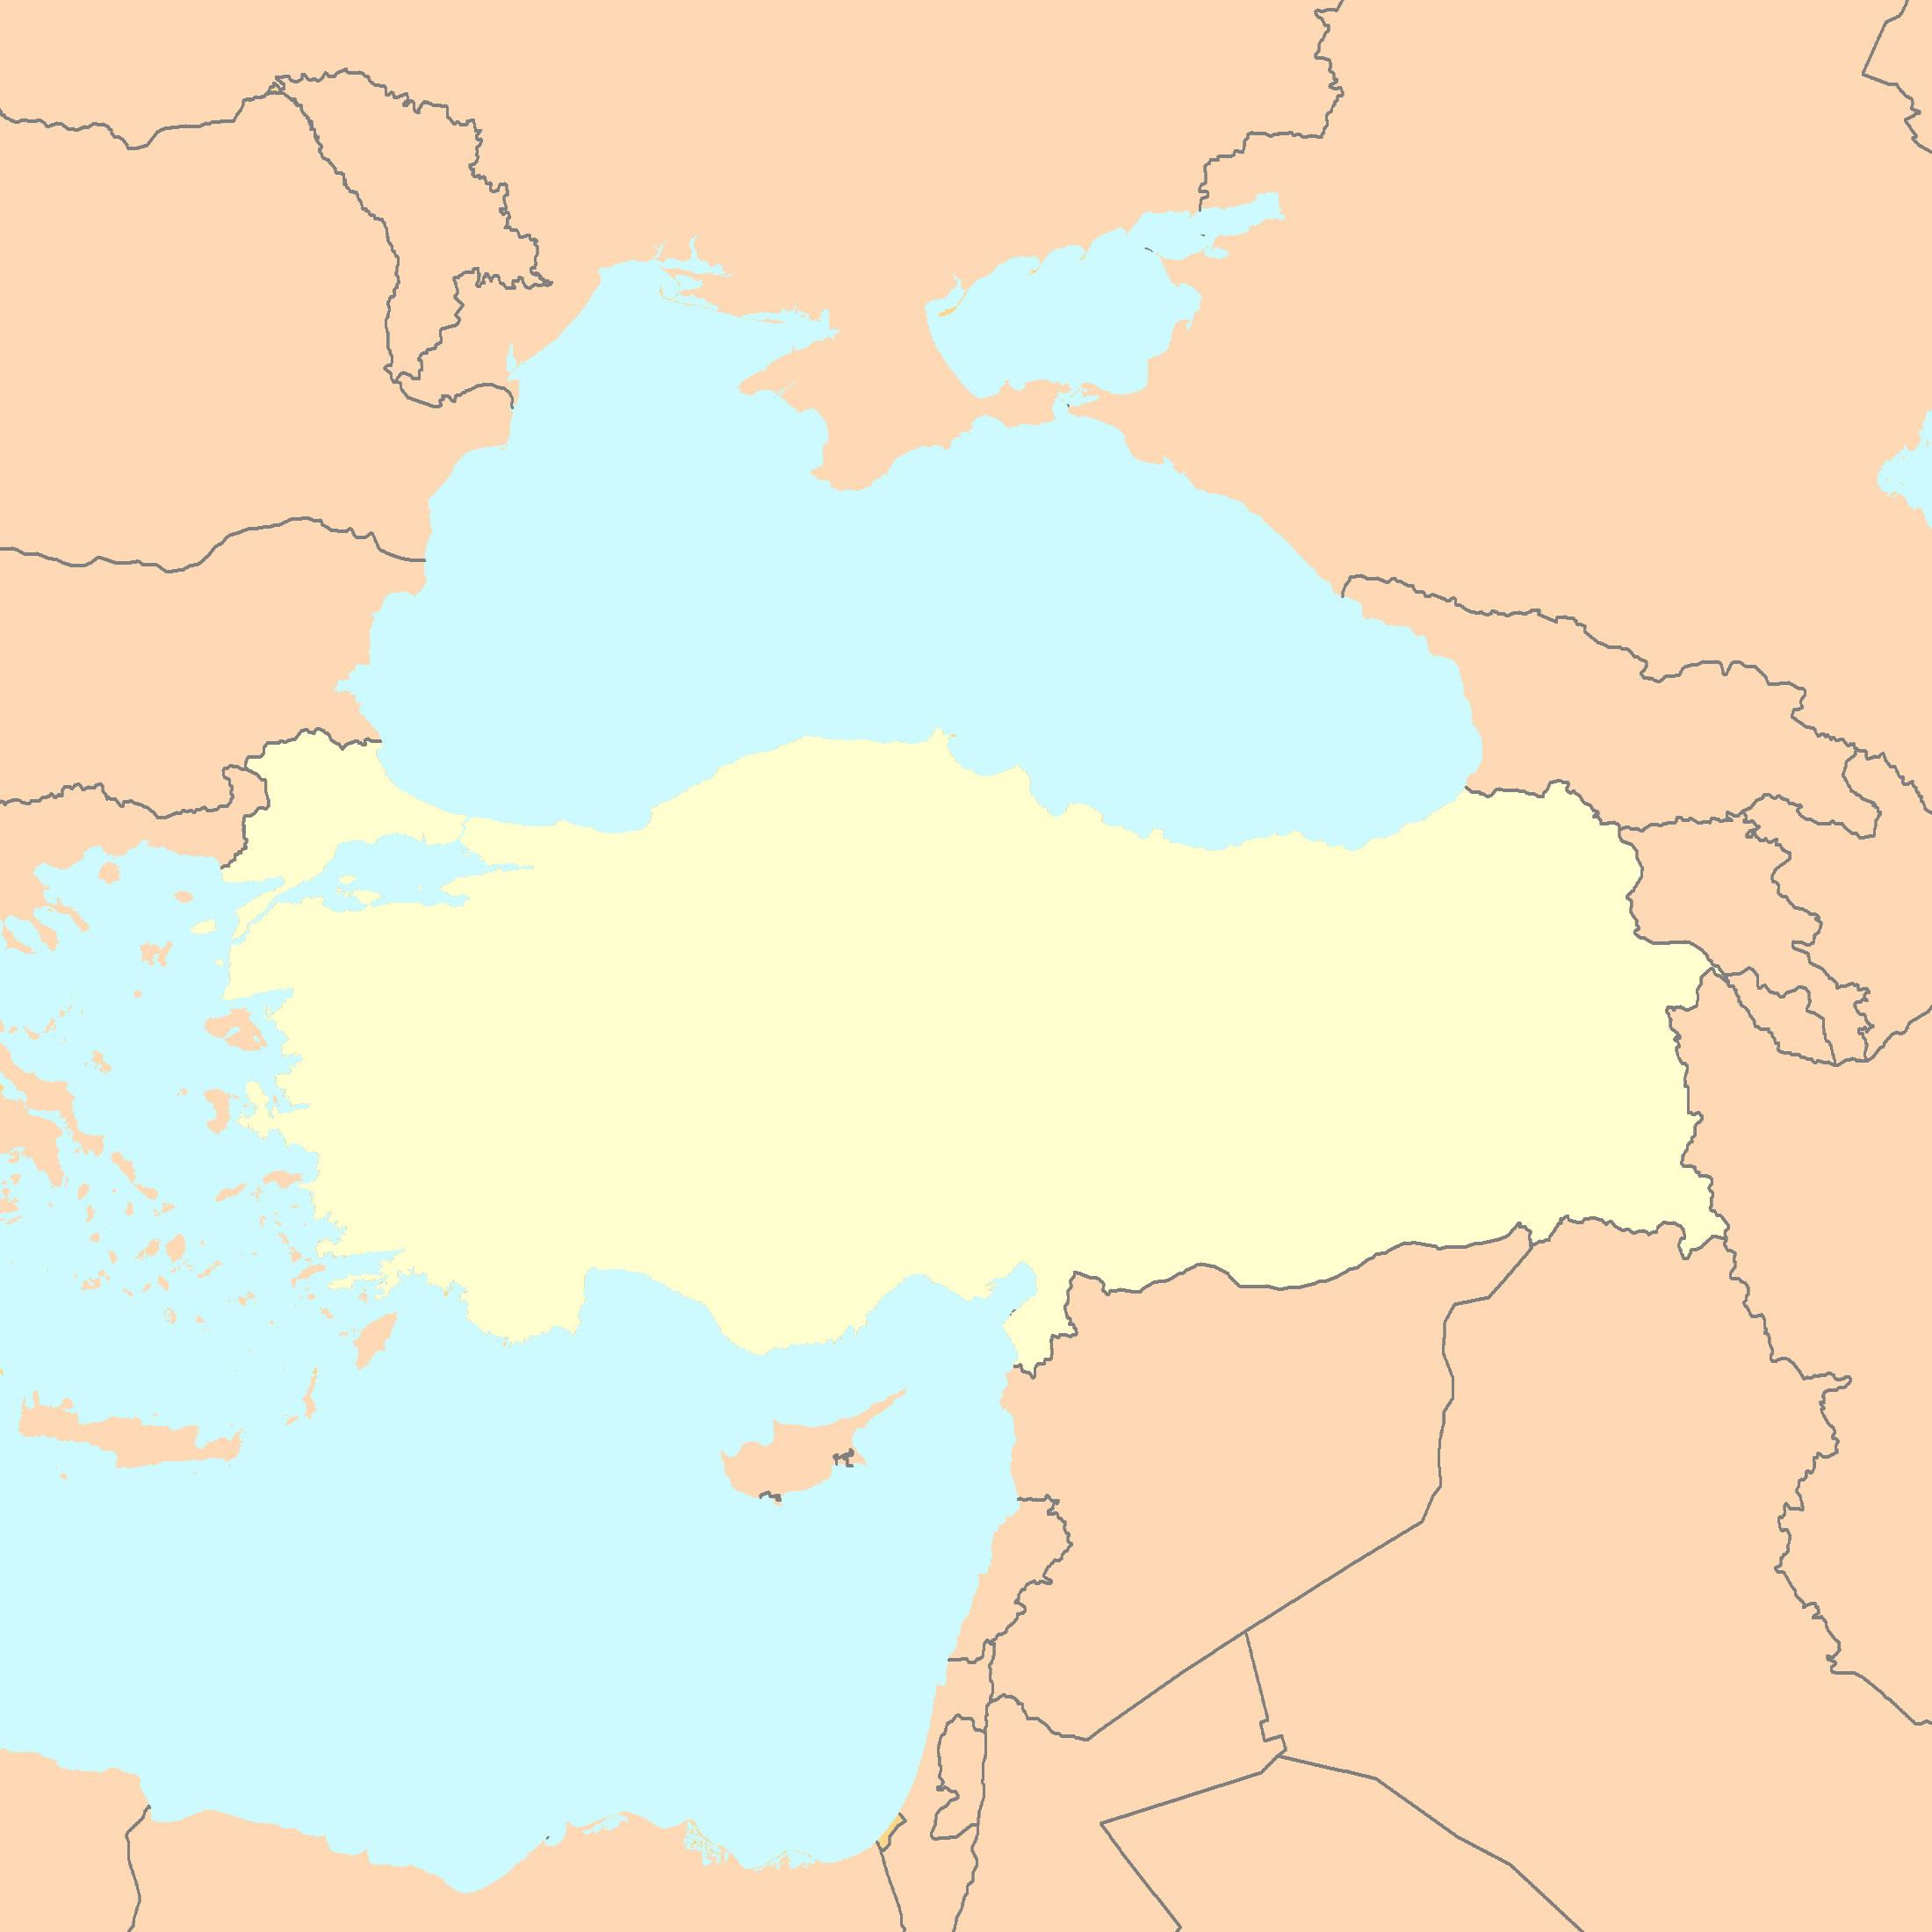 Carte Turquie Vierge Régions, Carte Vierge Des Régions De destiné Carte Vierge Des Régions De France